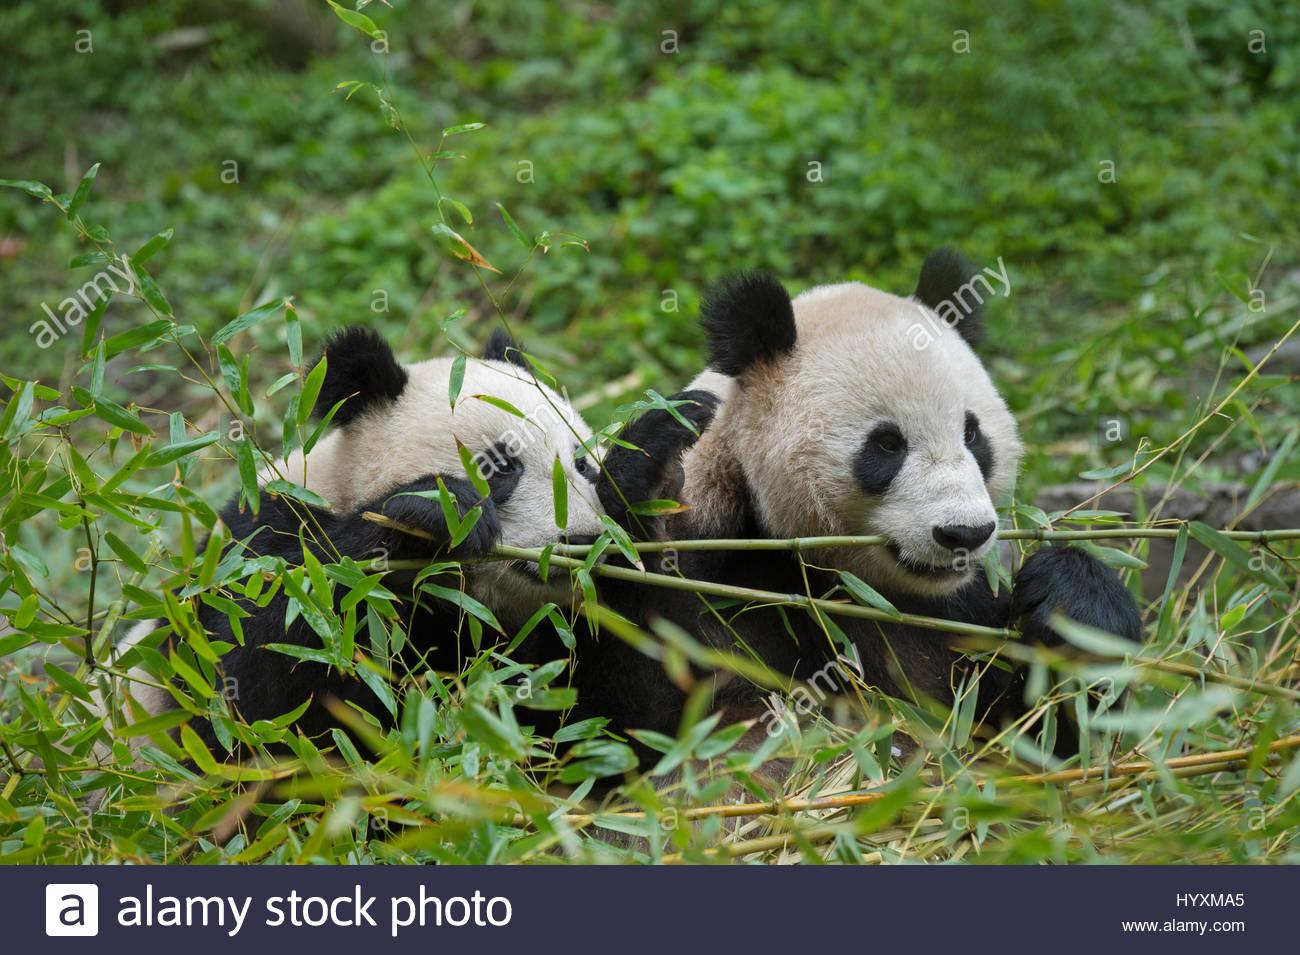 Ein Grosser Panda Mutter Und Cub Essen Bambus In Einem Gehause An Das